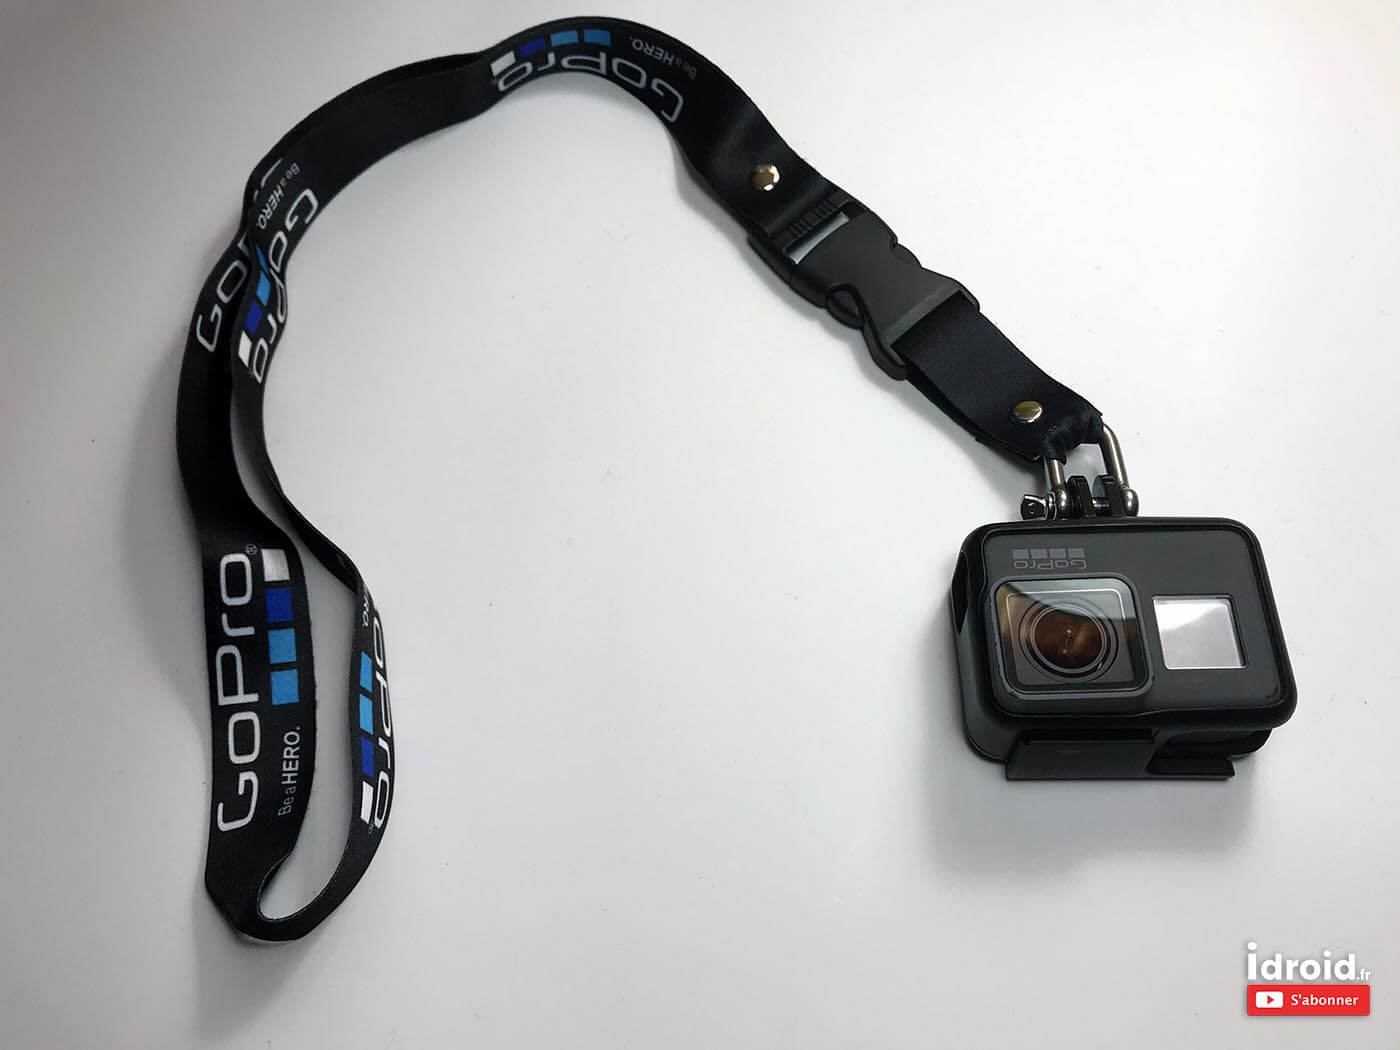 caméra gopro les accessoires indispensables pour actioncam - sangle gopro idroid - [SETUP] Caméra GOPRO les Accessoires indispensables pour actioncam - idroid.fr